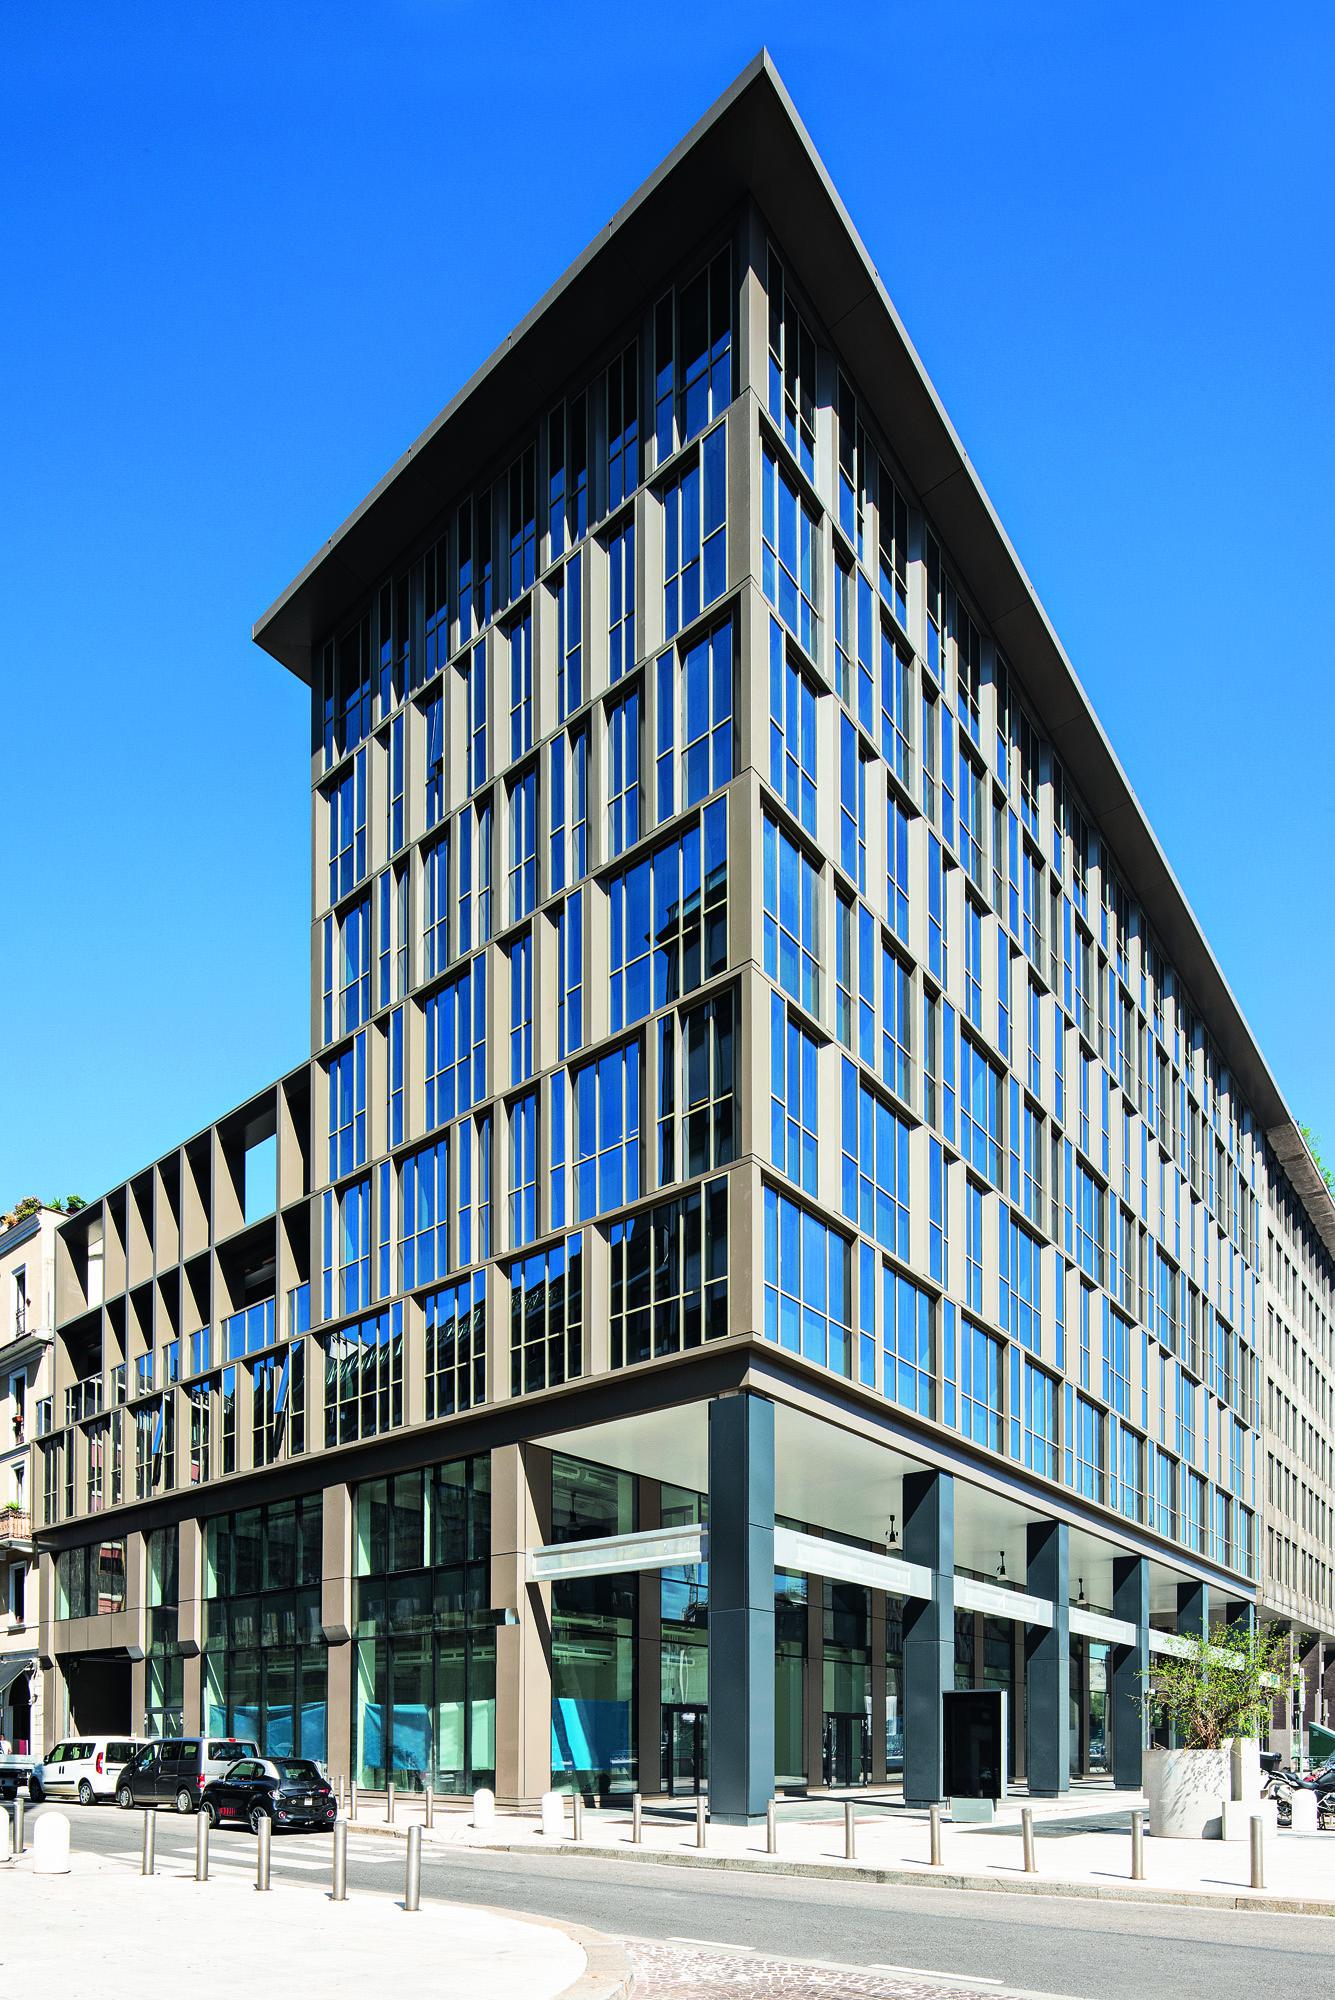 © Carola Merello Edificio per uffici in via Pisani, Milano, 2020